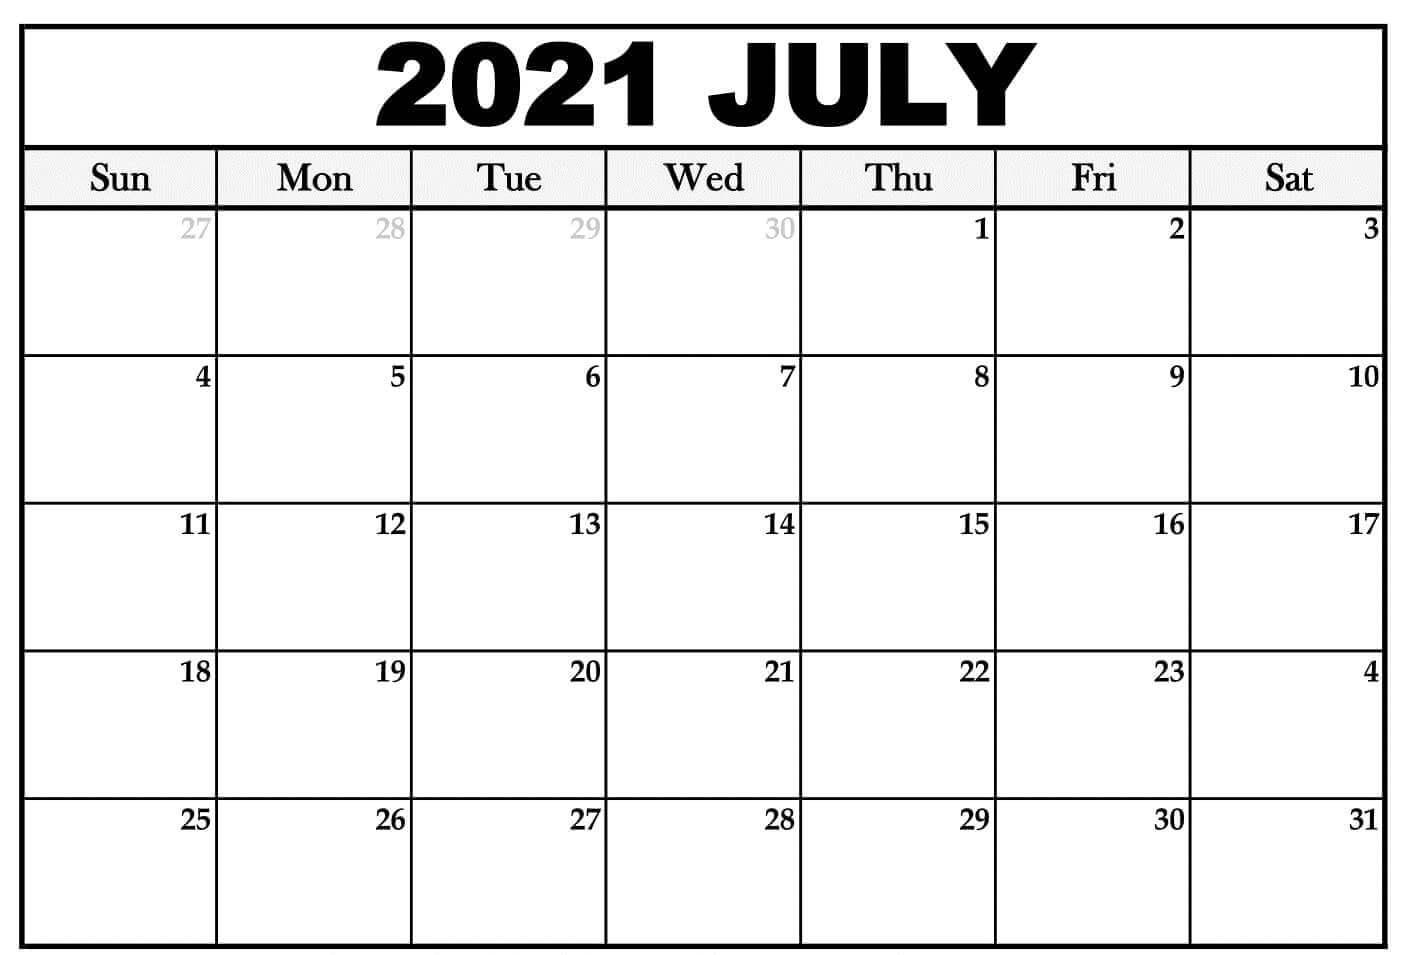 July Calendar 2021 Vertical